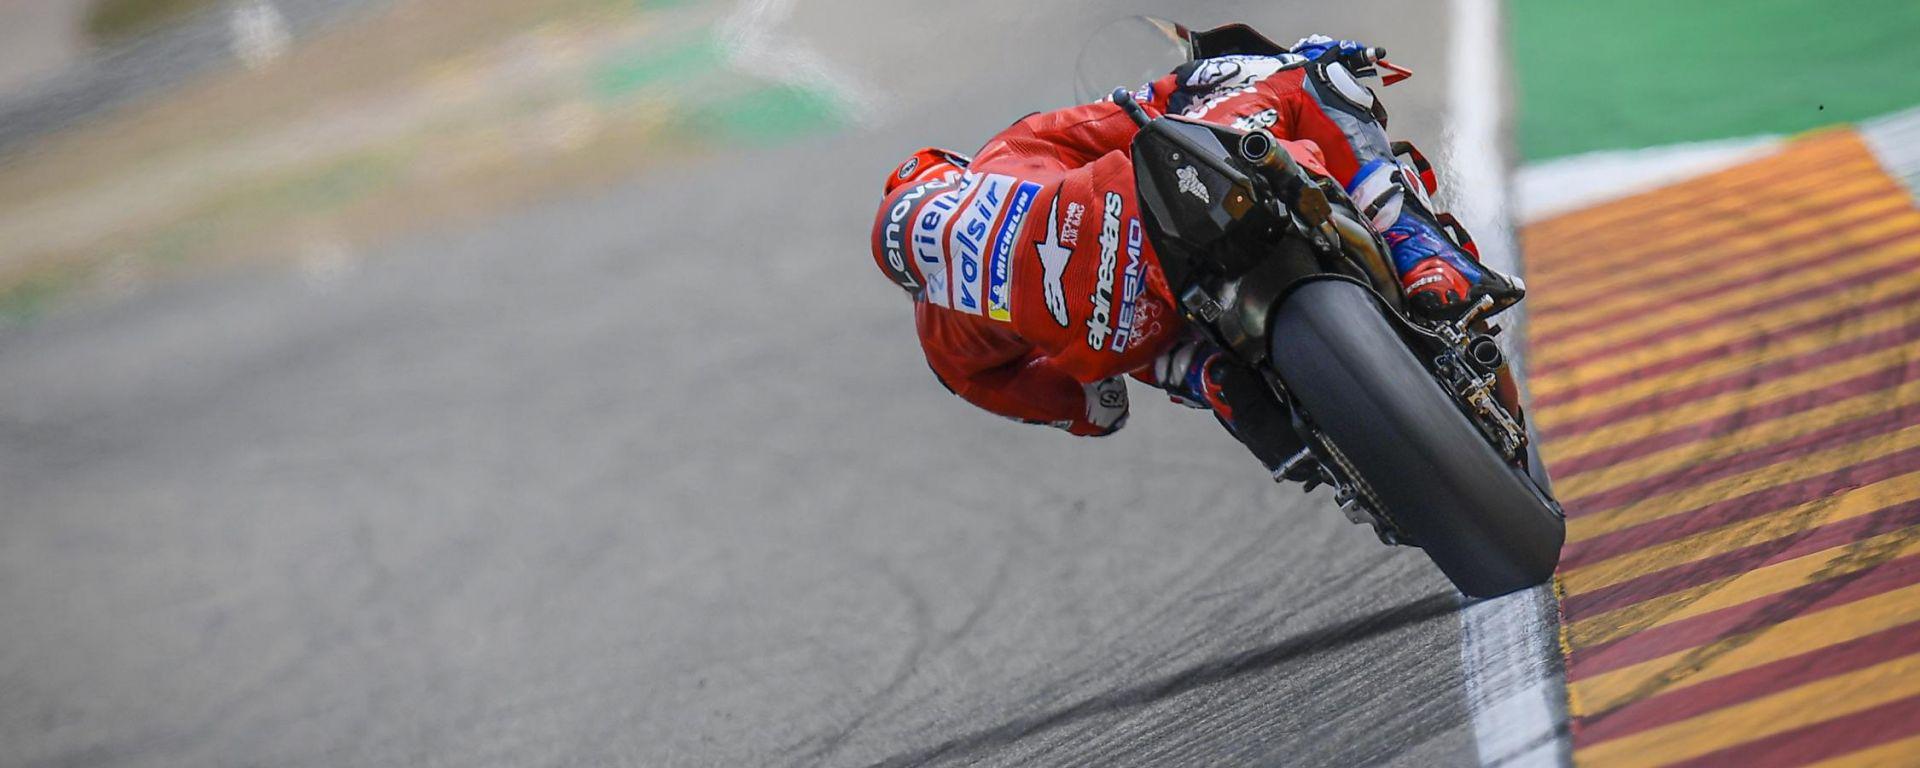 Andrea Dovizioso (Ducati) impegnato ad Aragon nel 2019